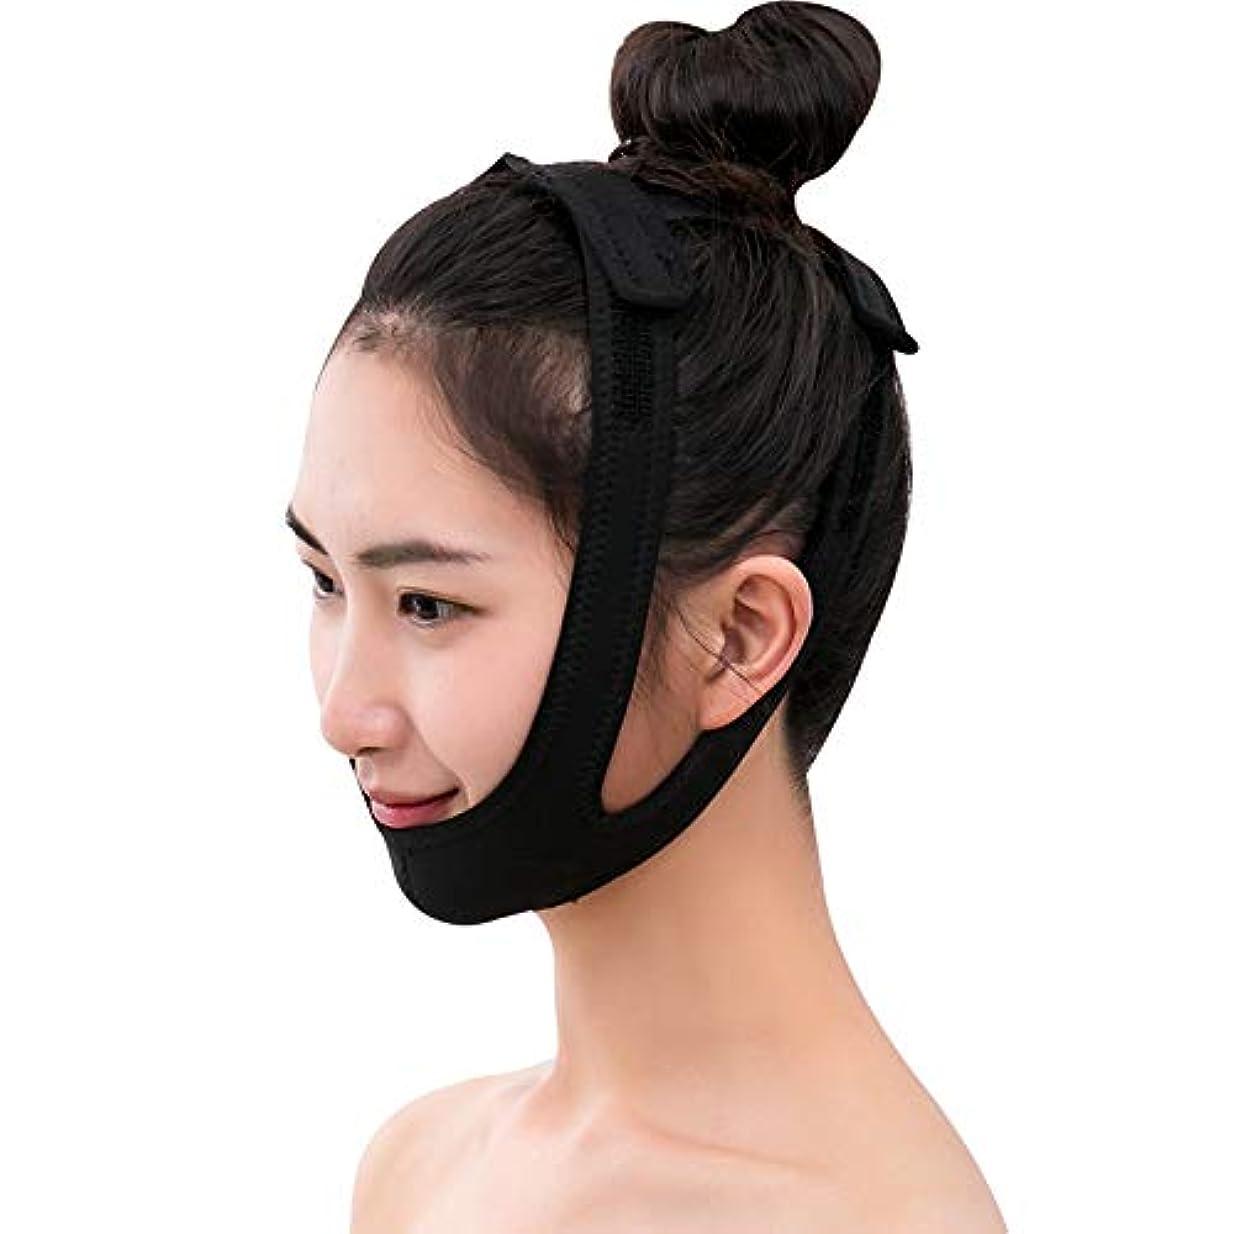 取り組む大使振るJia He 軽量 薄いフェイスバンド - 薄い顔の包帯ビューティーインストゥルメントフェイシャルリフト睡眠マスク法Vフェイスマスクの通気性を作る ##